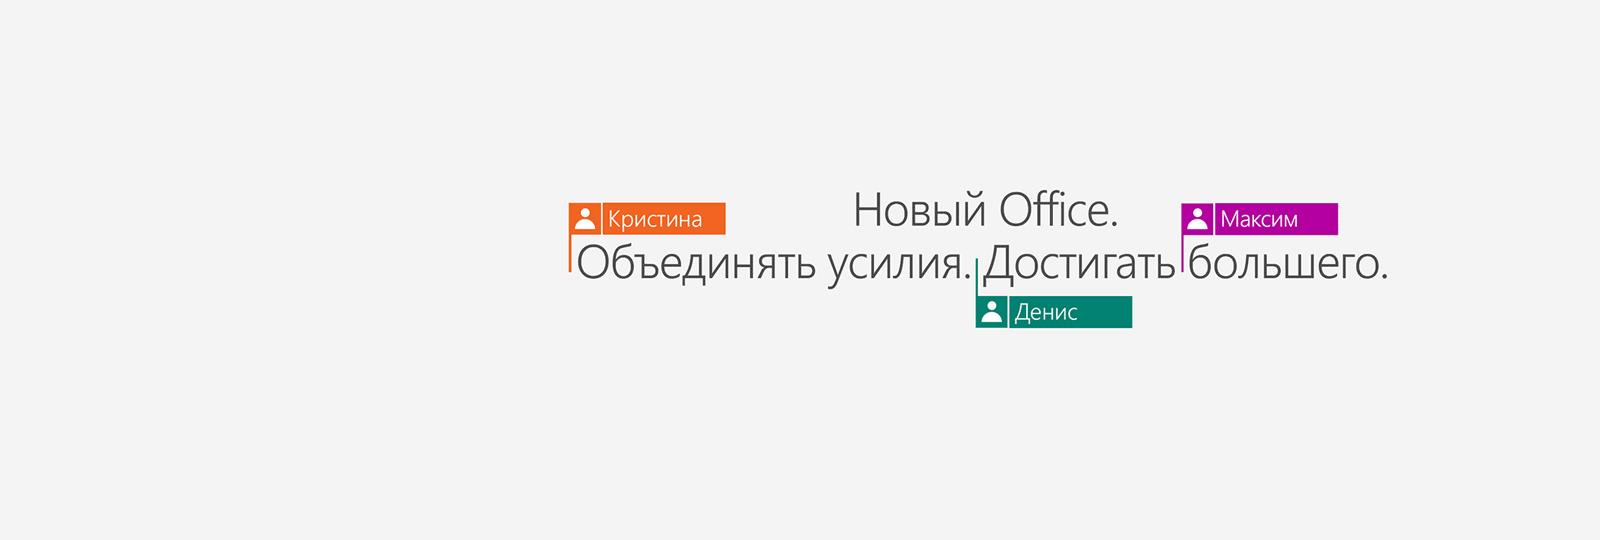 Купите Office 365, чтобы получить новые приложения 2016 года.